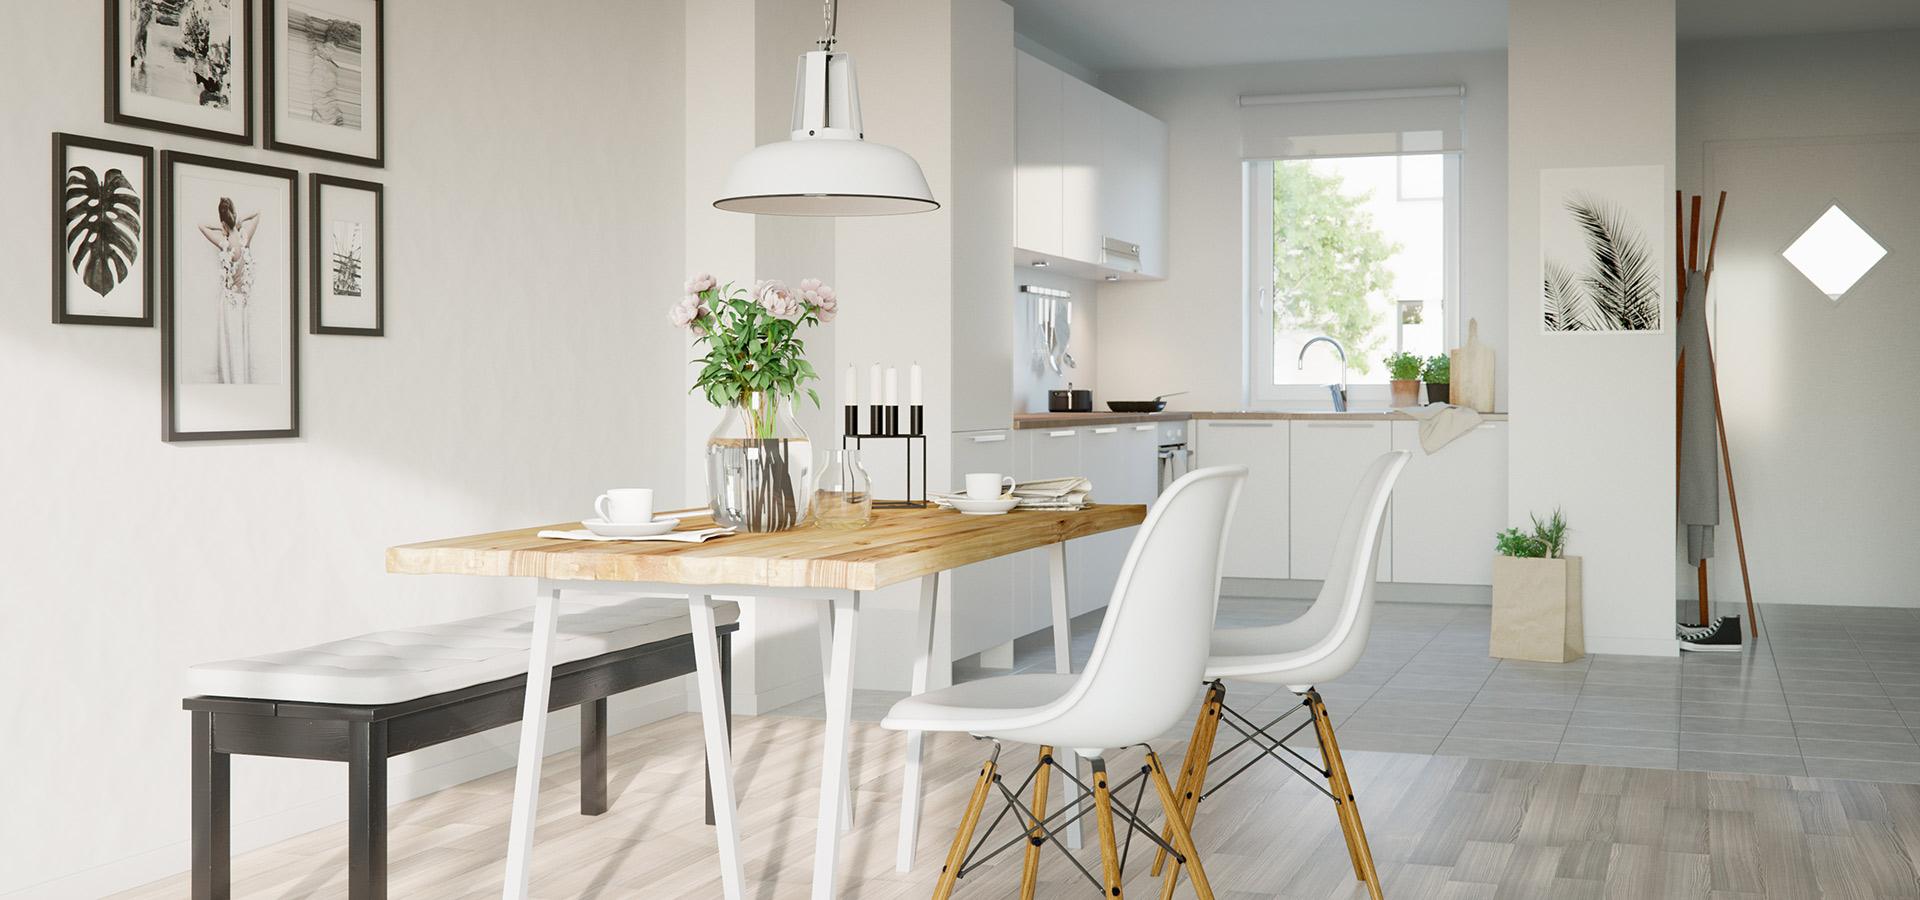 esszimmer einrichten simple esszimmer einrichten wohnideen und durchgehend esszimmer. Black Bedroom Furniture Sets. Home Design Ideas